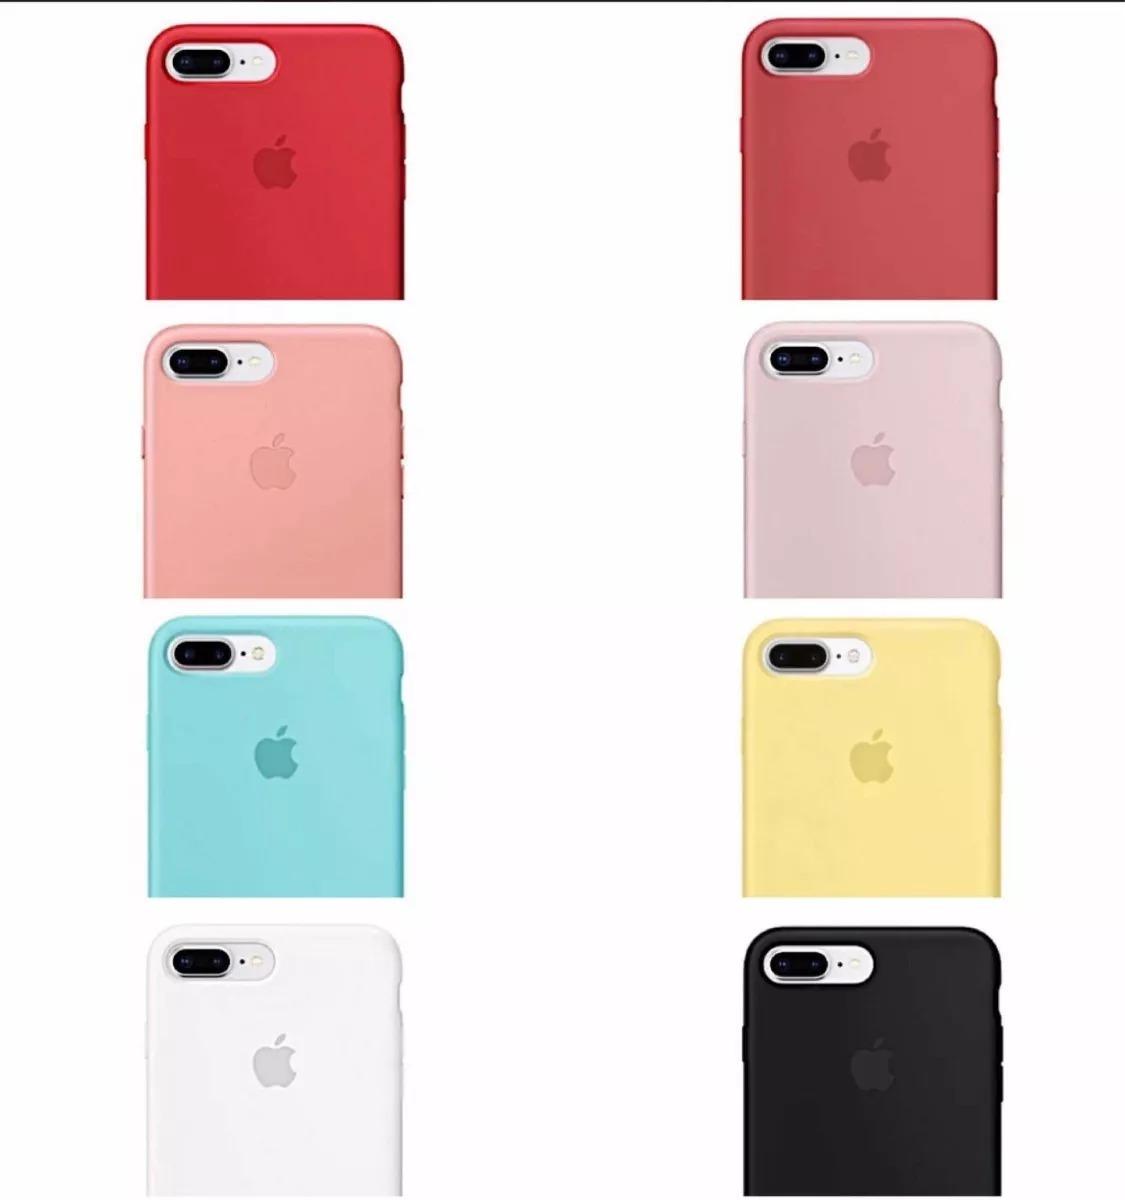 ed70893ae90 Forro Apple Silicone Iphone 6 6plus 6s 6s Plus Tienda Física - Bs ...